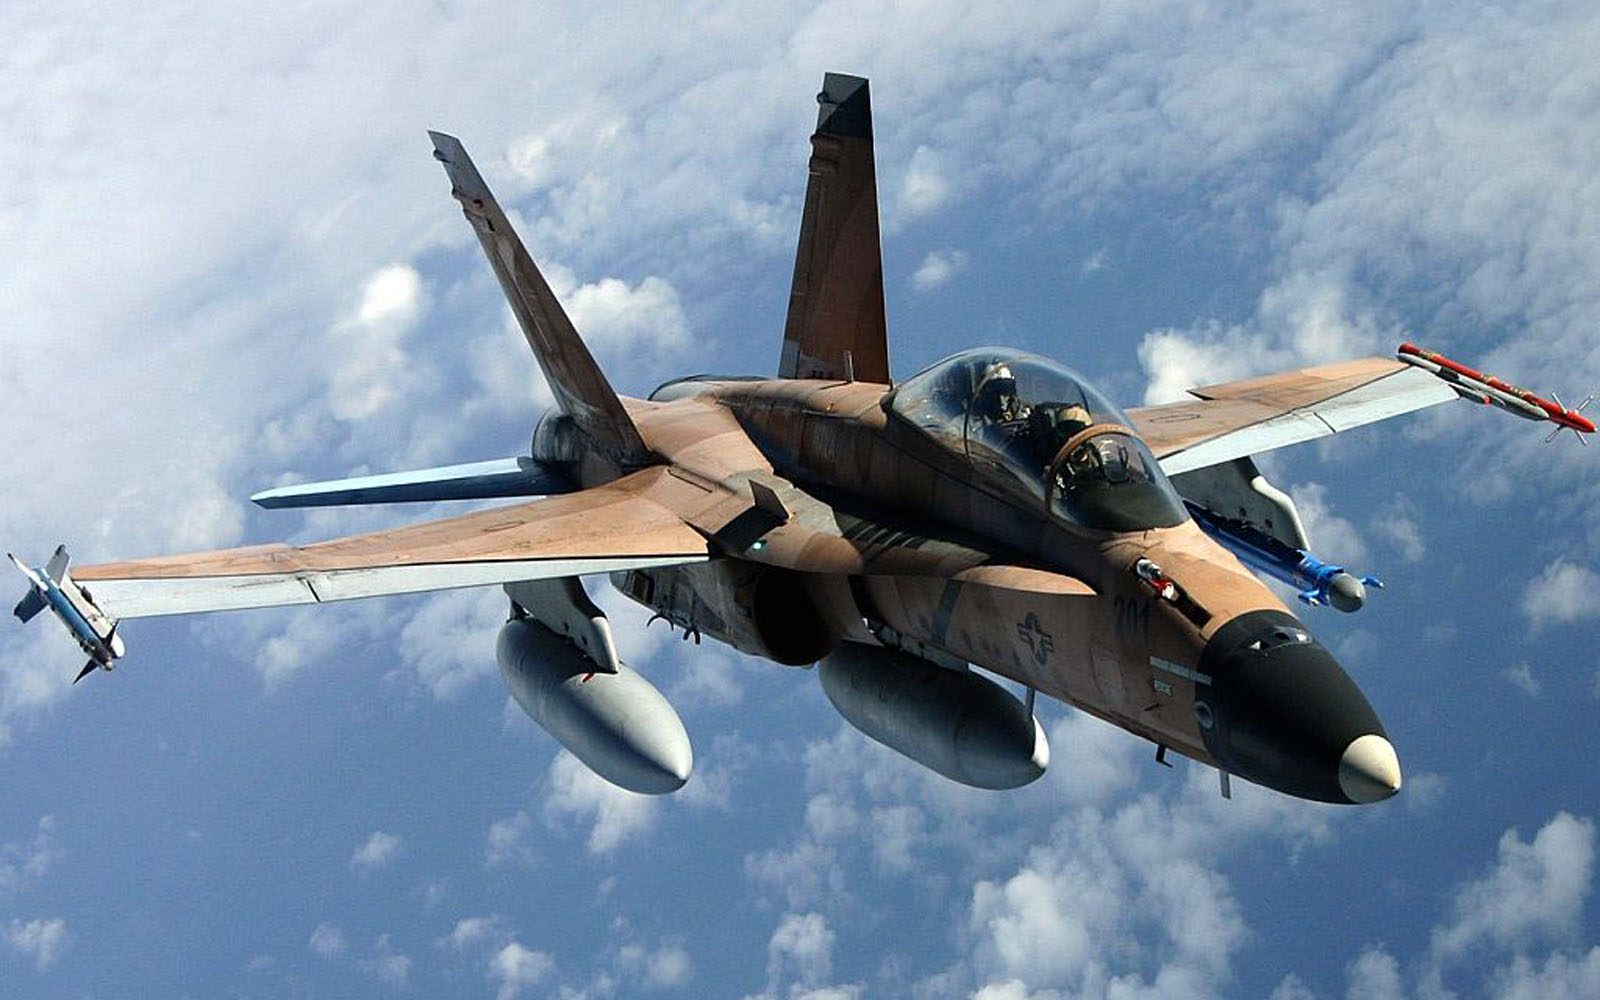 """""""У них уже по 200 часов налета. Такого не было за все время независимости. Работают на МиГ-29"""", - молодые пилоты провели масштабные учения на Прикарпатье - Цензор.НЕТ 6091"""